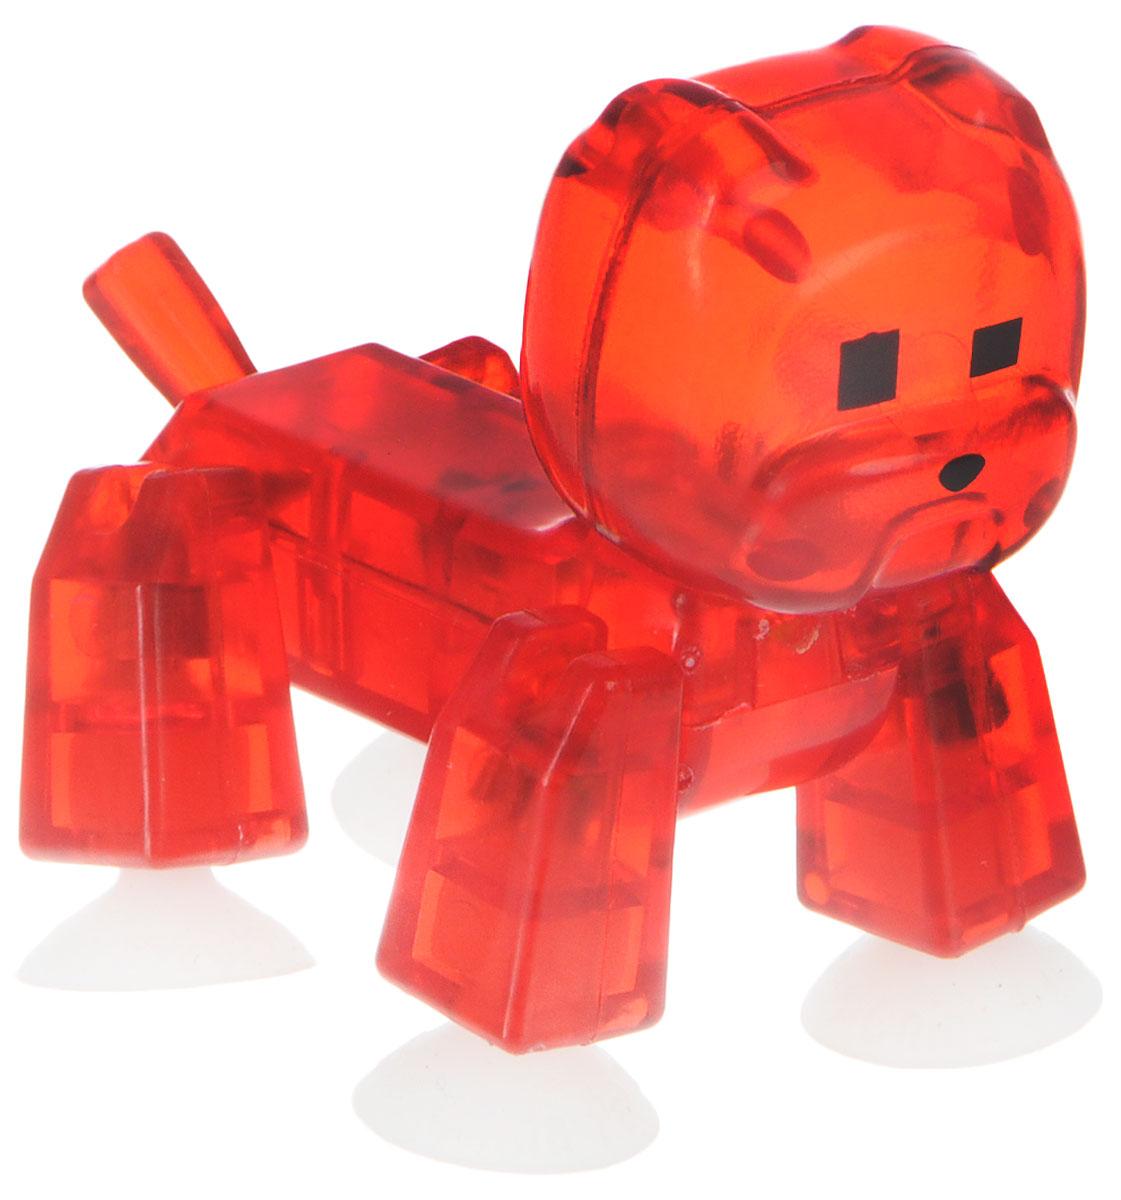 Stikbot Фигурка Питомцы Бульдог красный stikbot фигурка питомцы бульдог красный